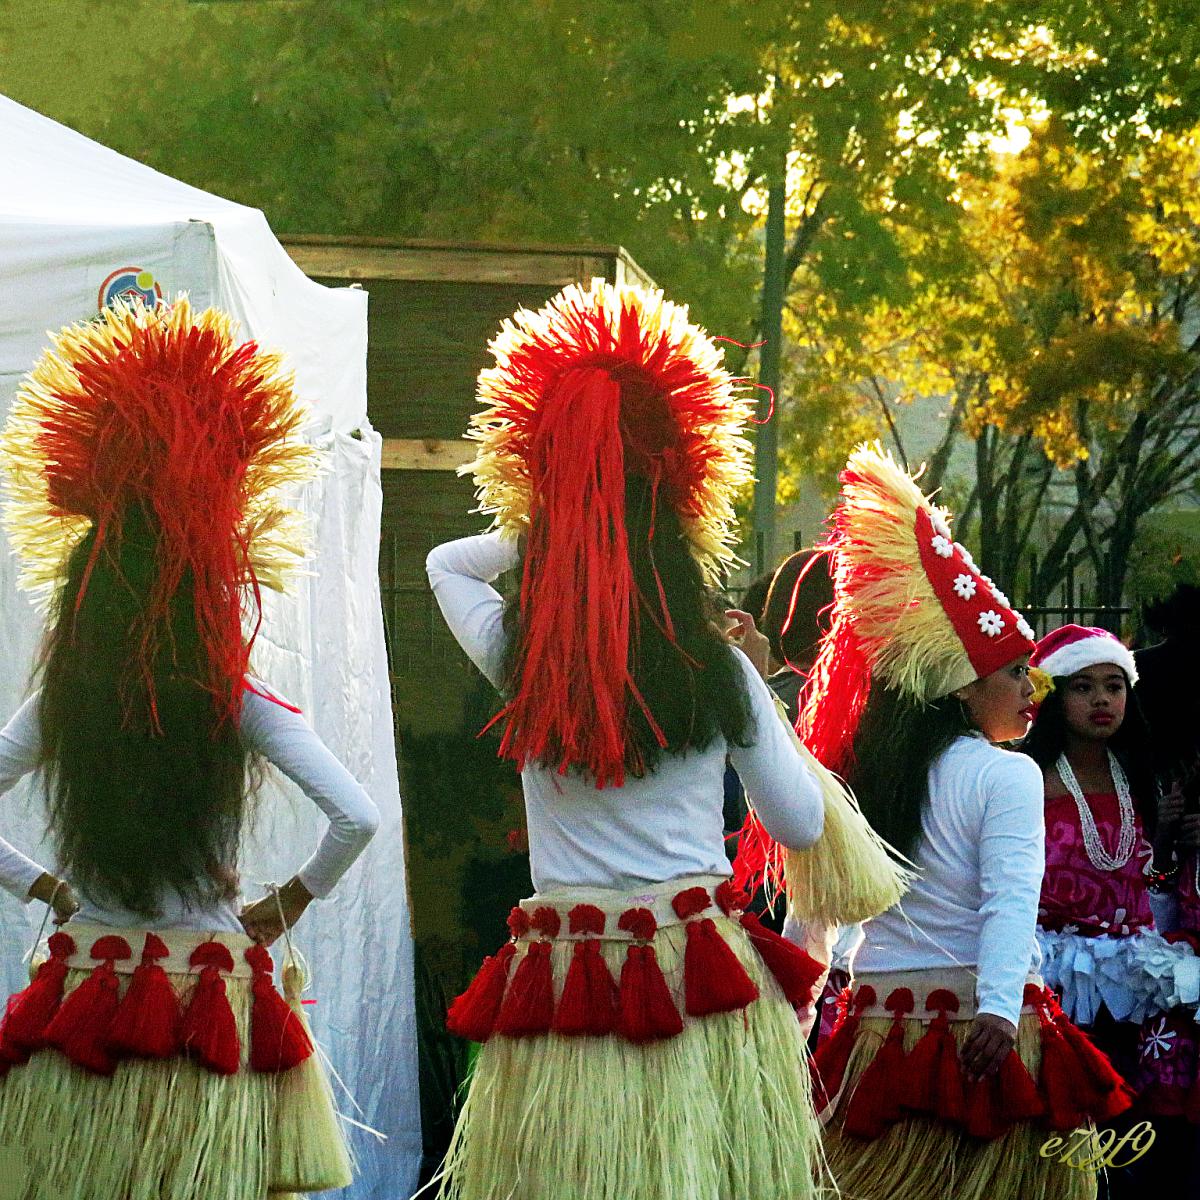 【摄影后期】夏威夷的草裙舞_图1-3